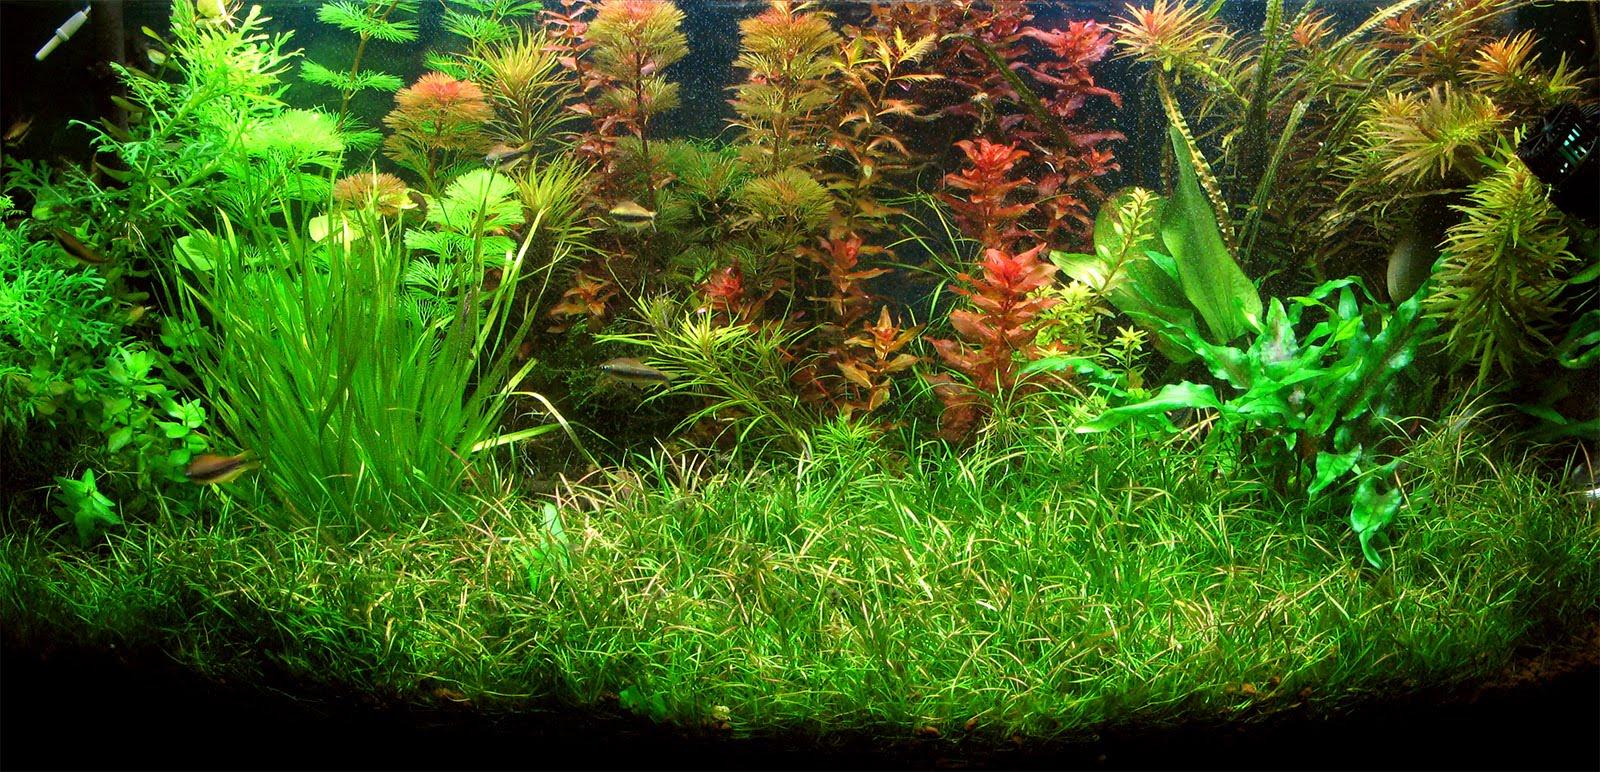 Acquario blog foto maggio 2010 for Piante acquario